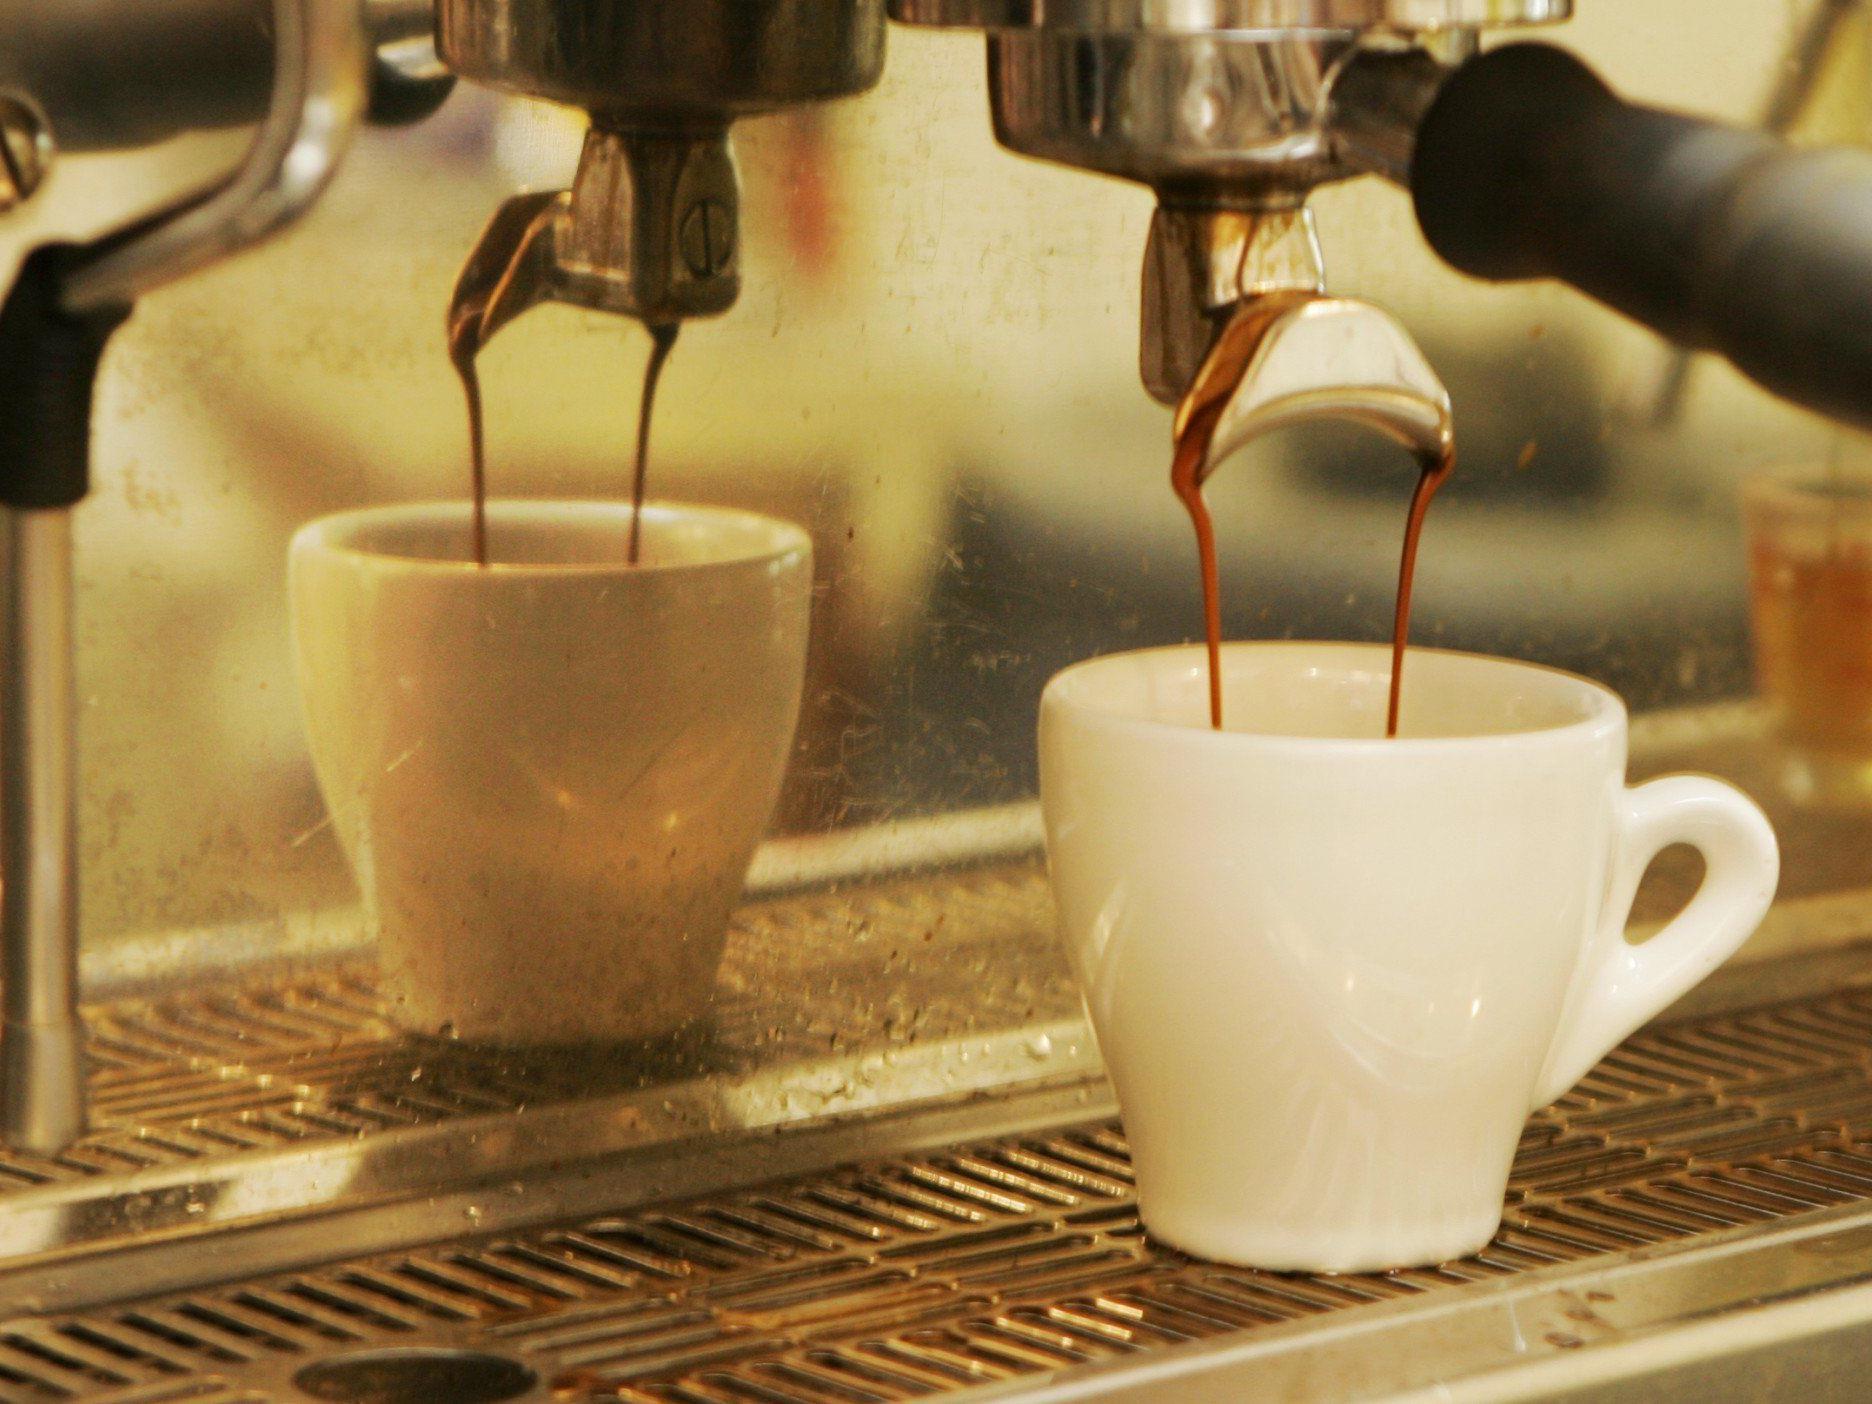 Grazer Forscher entdeckten neuen gesundheitsfördernden Aspekt von schwarzem Kaffee.